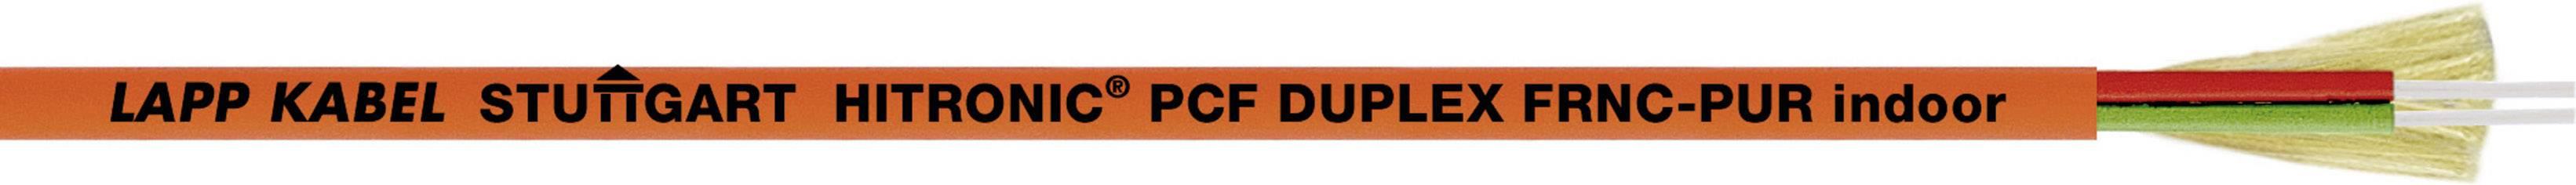 Skleněné vlákno LAPP HITRONIC PCF DUPLEX FD FRNC-PUR 28320702, Duplex, oranžová, 500 m